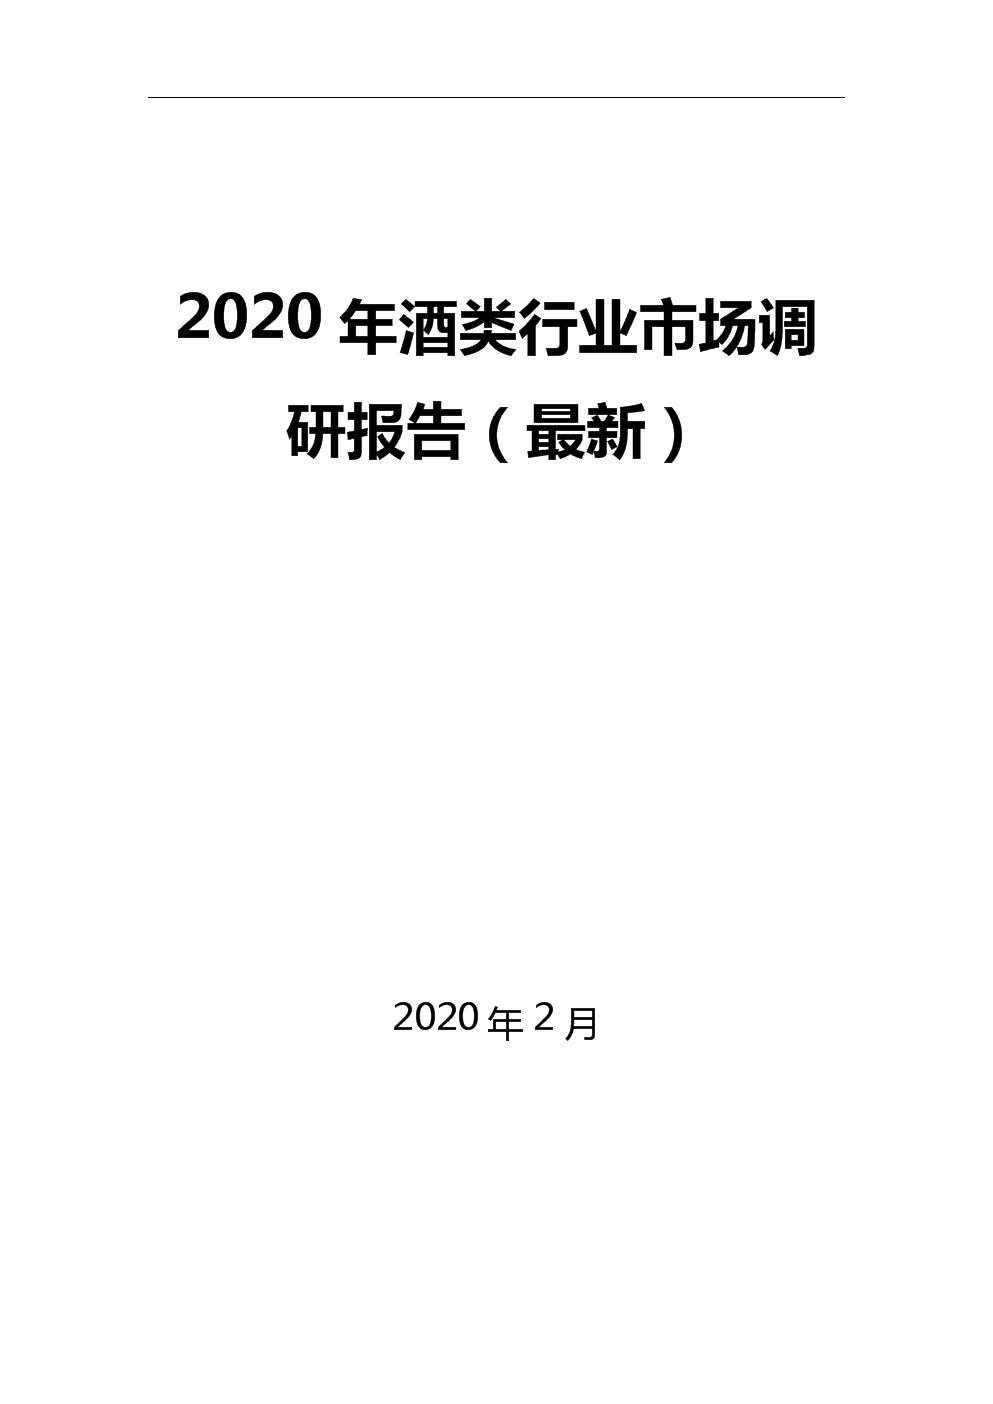 2020年酒类行业市场调研报告(最新).docx